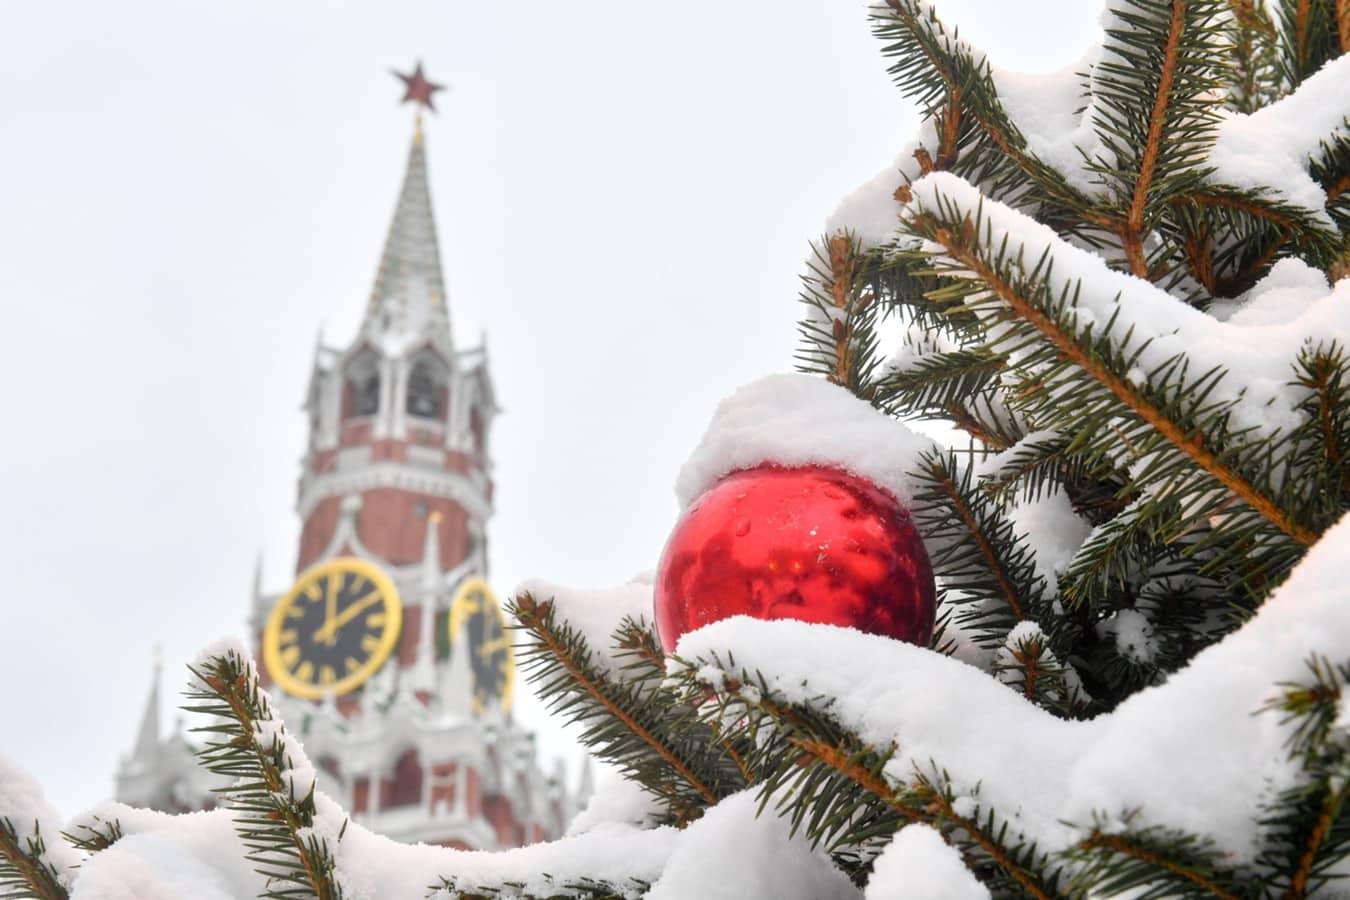 О длительности Новогодних каникул в 2021 году, рассказали в Минтруда